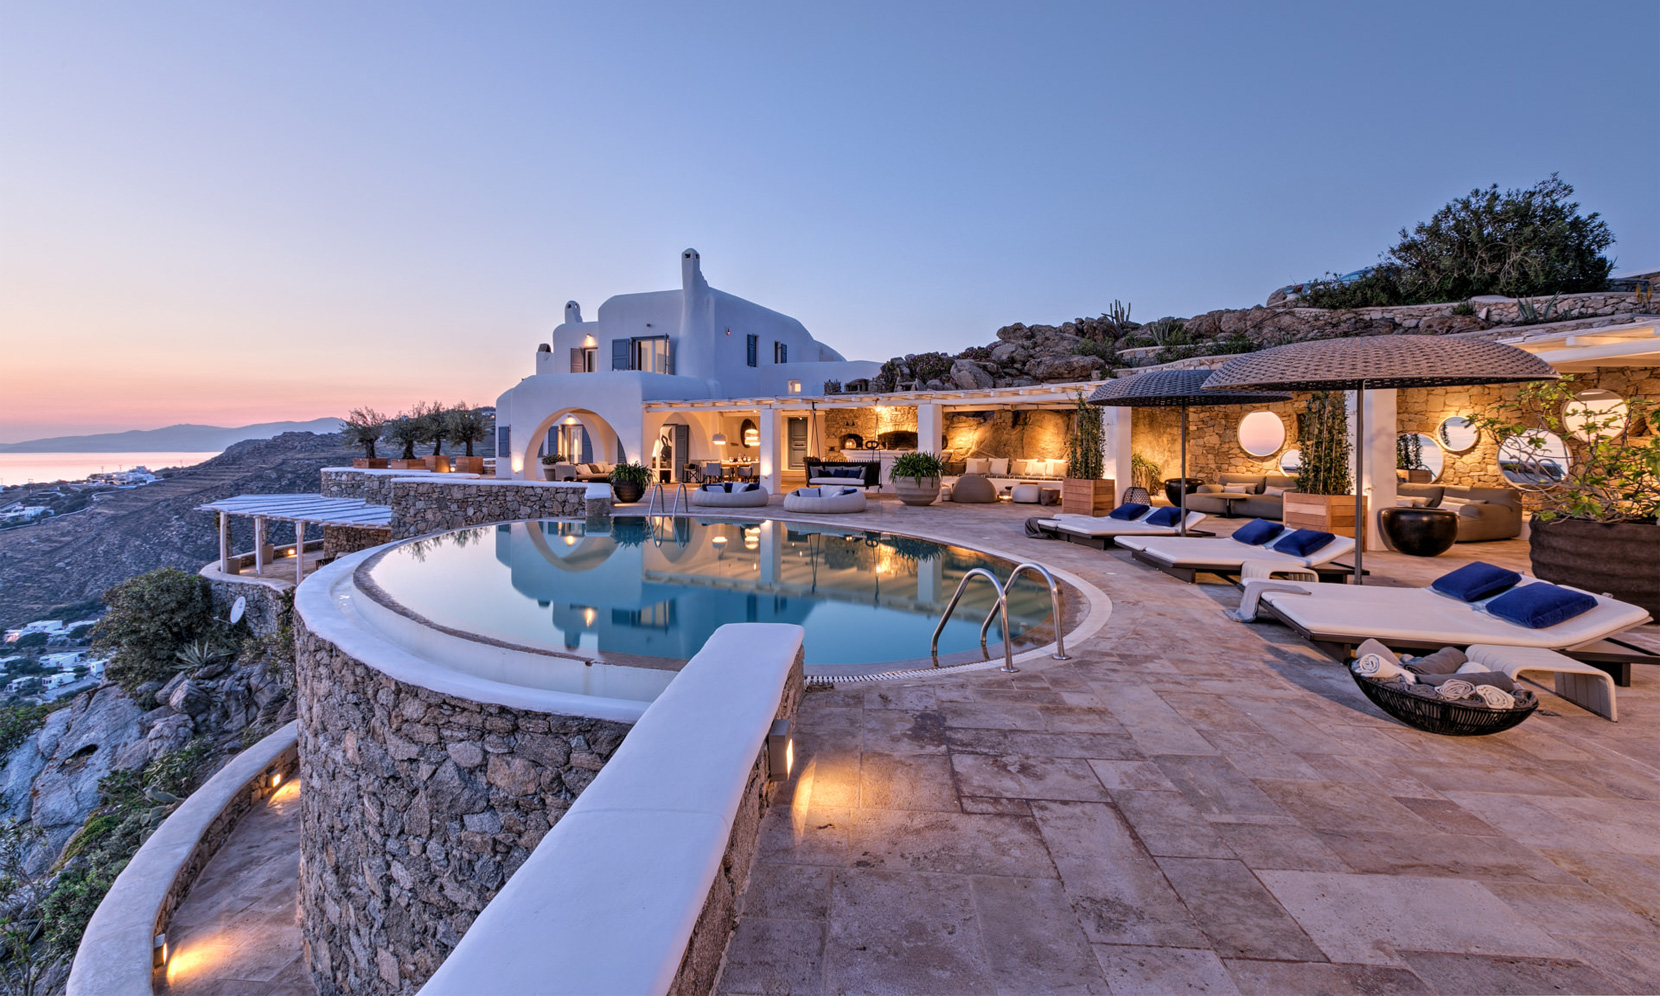 Mykonos Villa Orcus jumbotron image